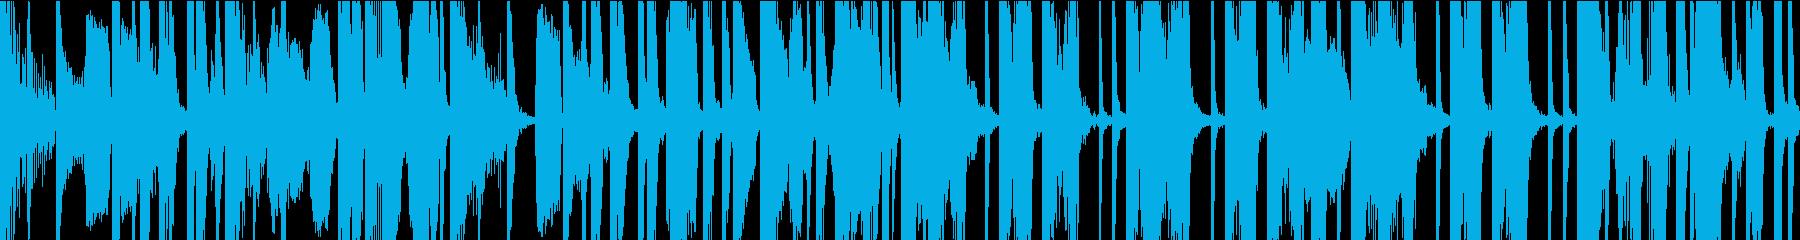 気怠気なボイパ ループの再生済みの波形